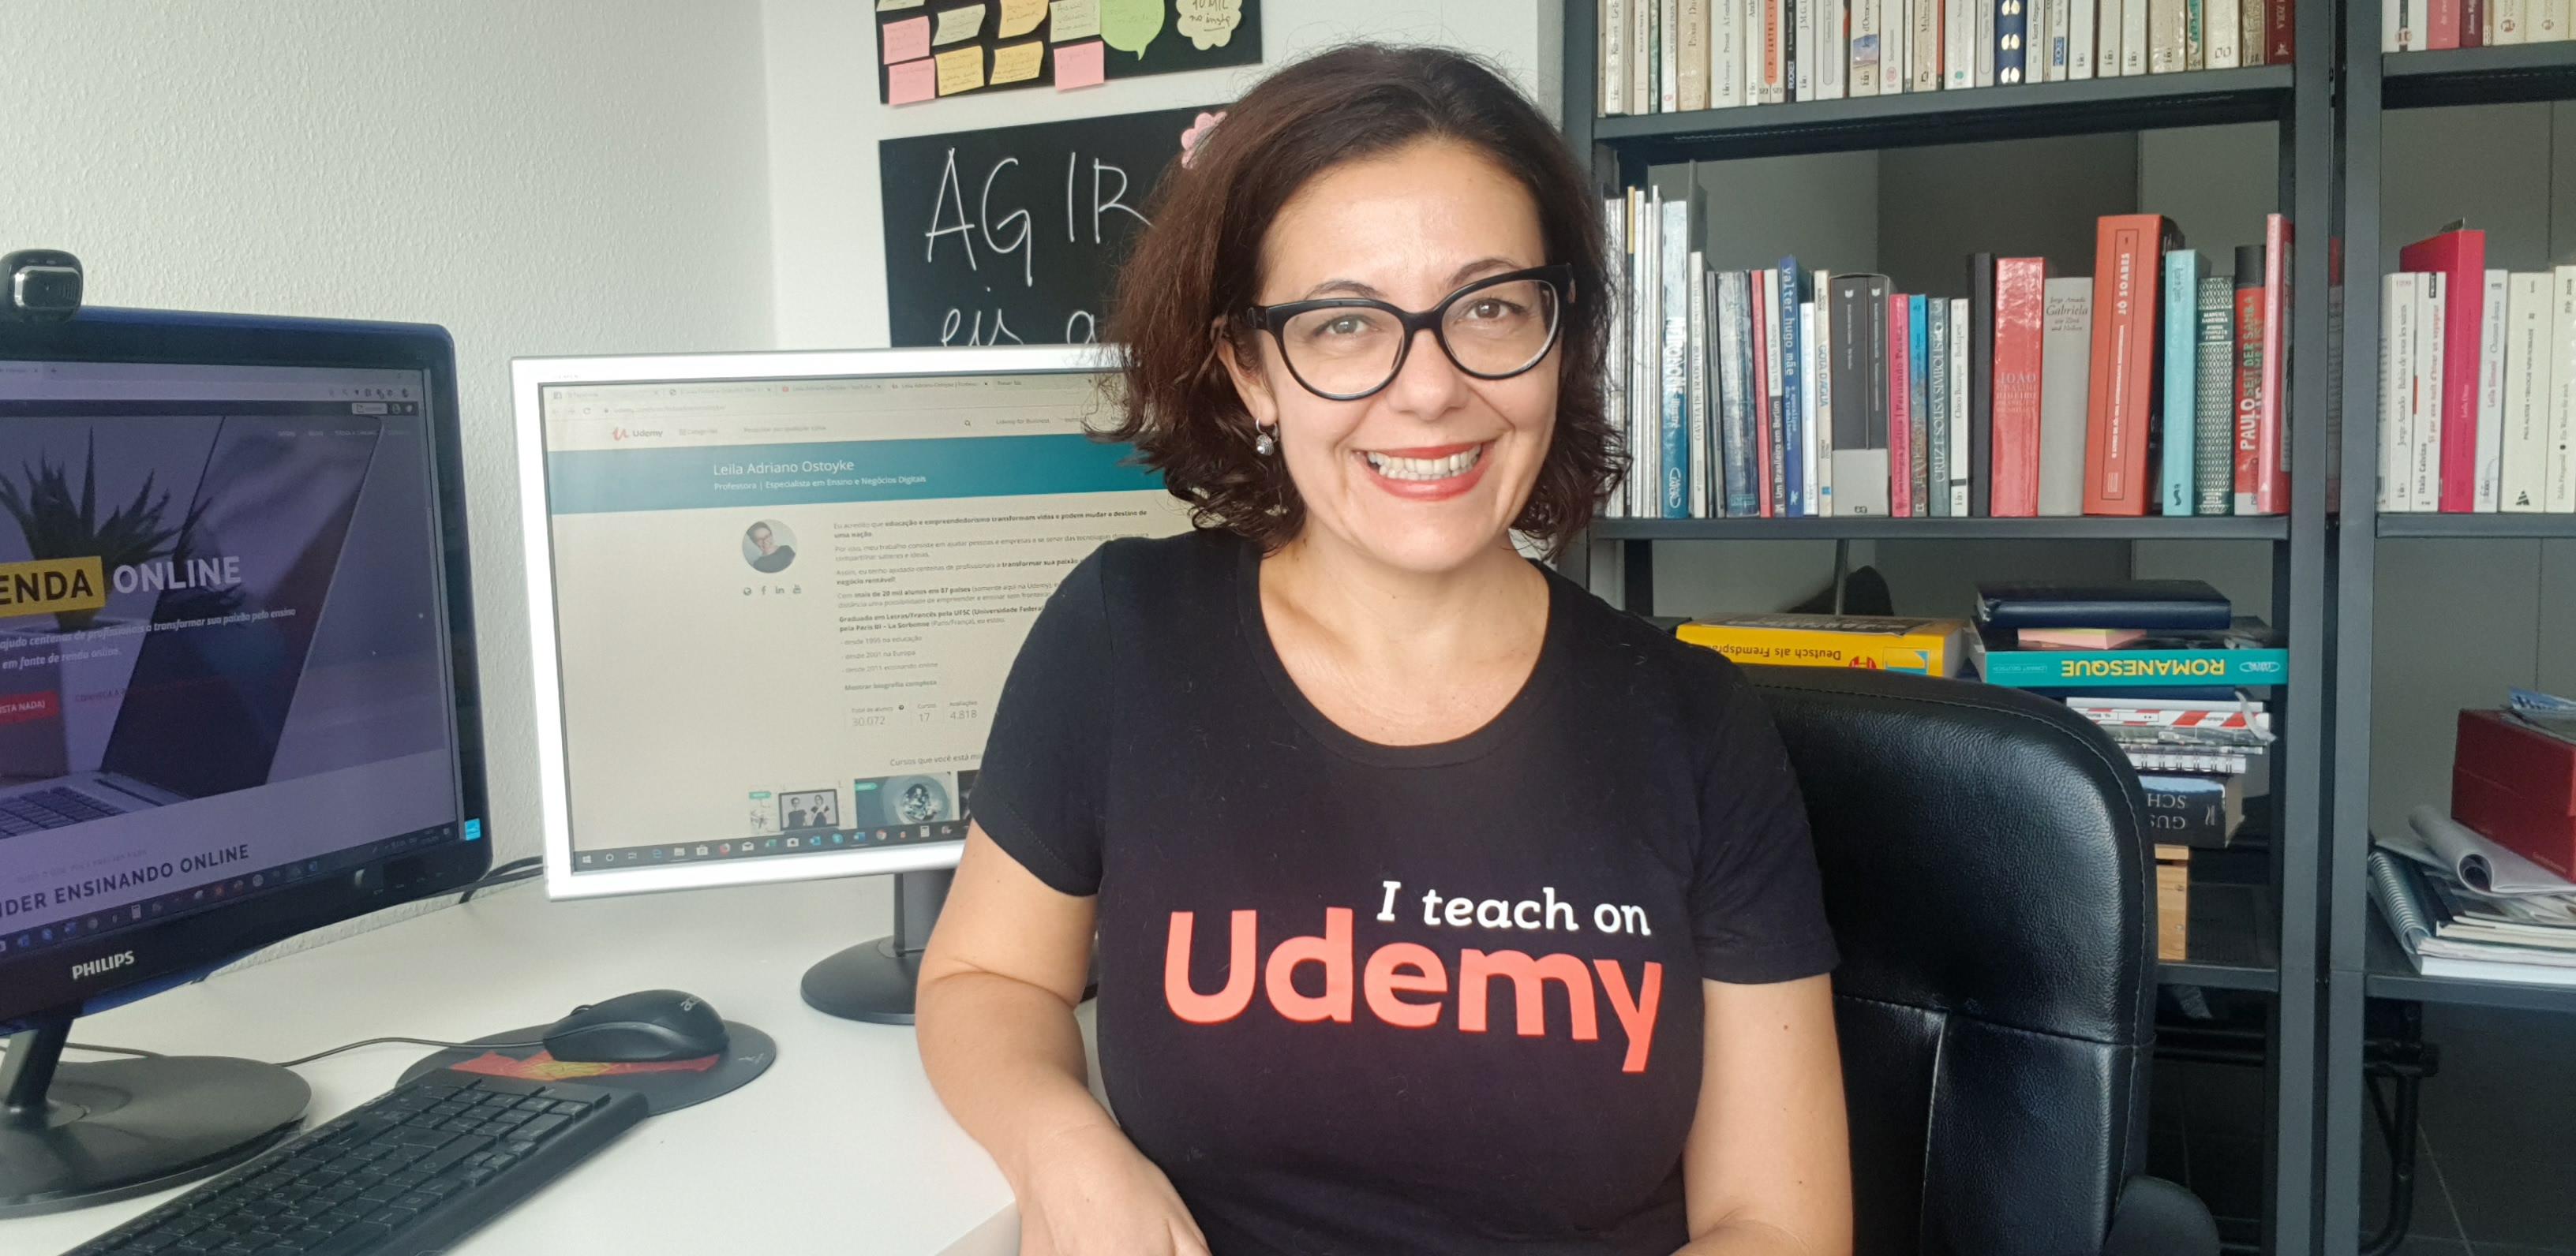 Como criar cursos e gerar renda na Udemy?